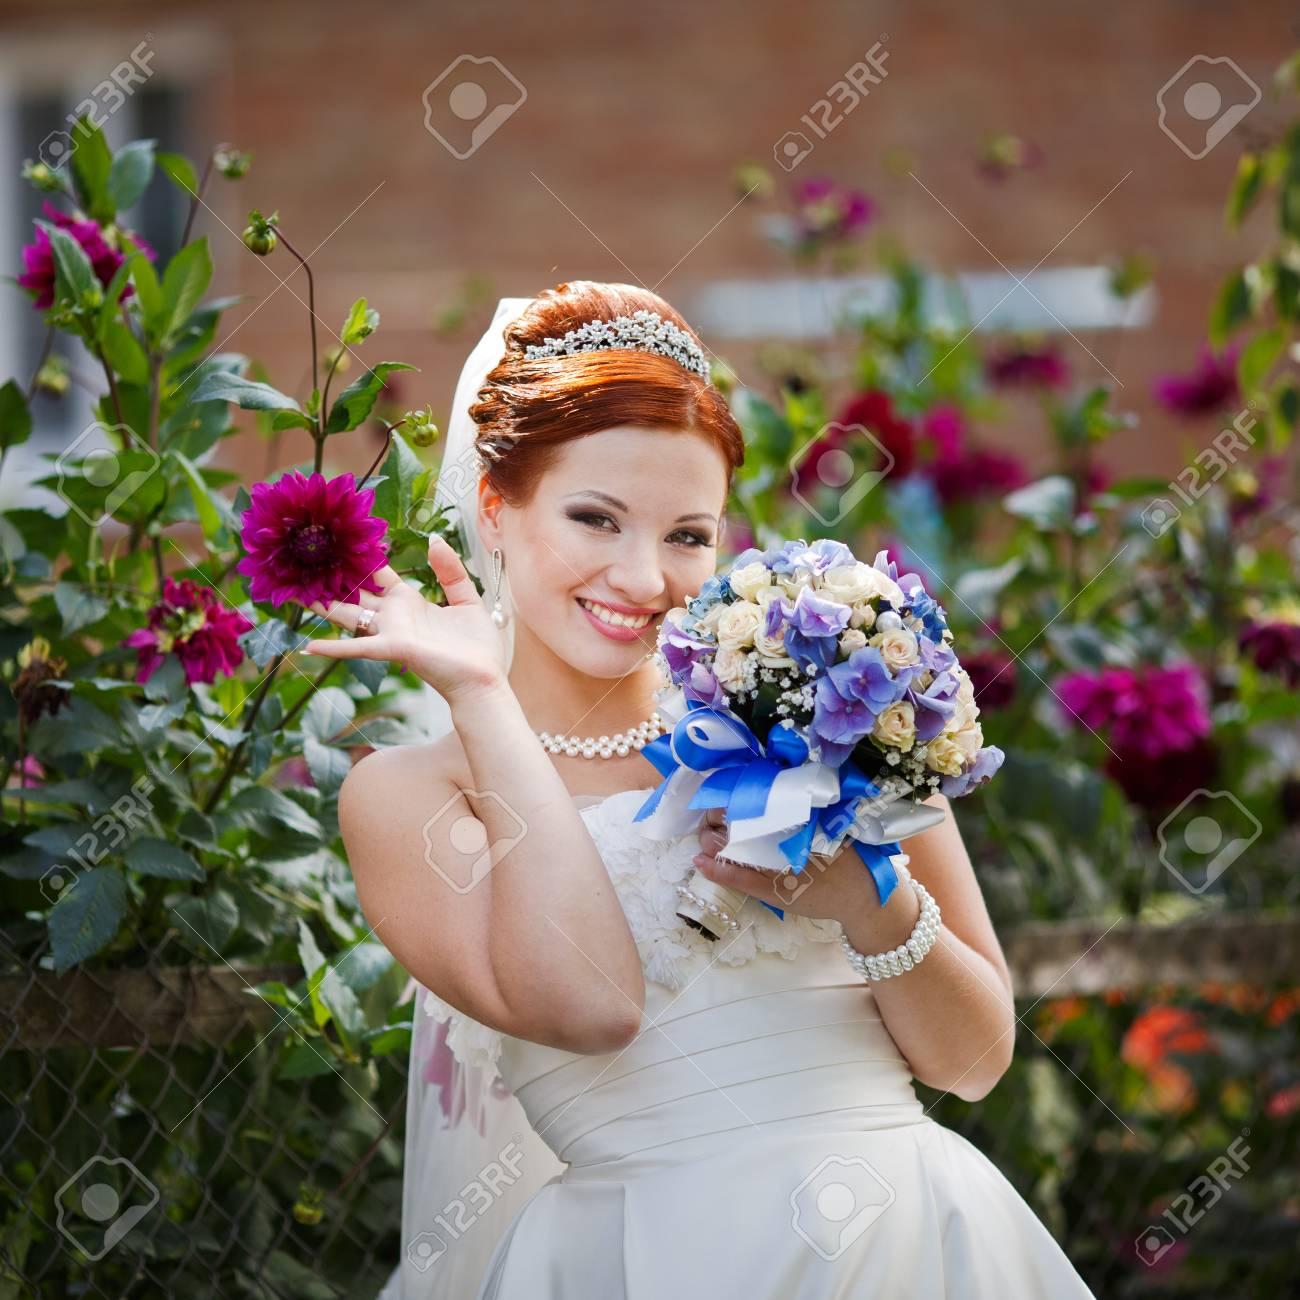 Schone Rote Haare Braut Posiert Mit Blumen Draussen Europaische